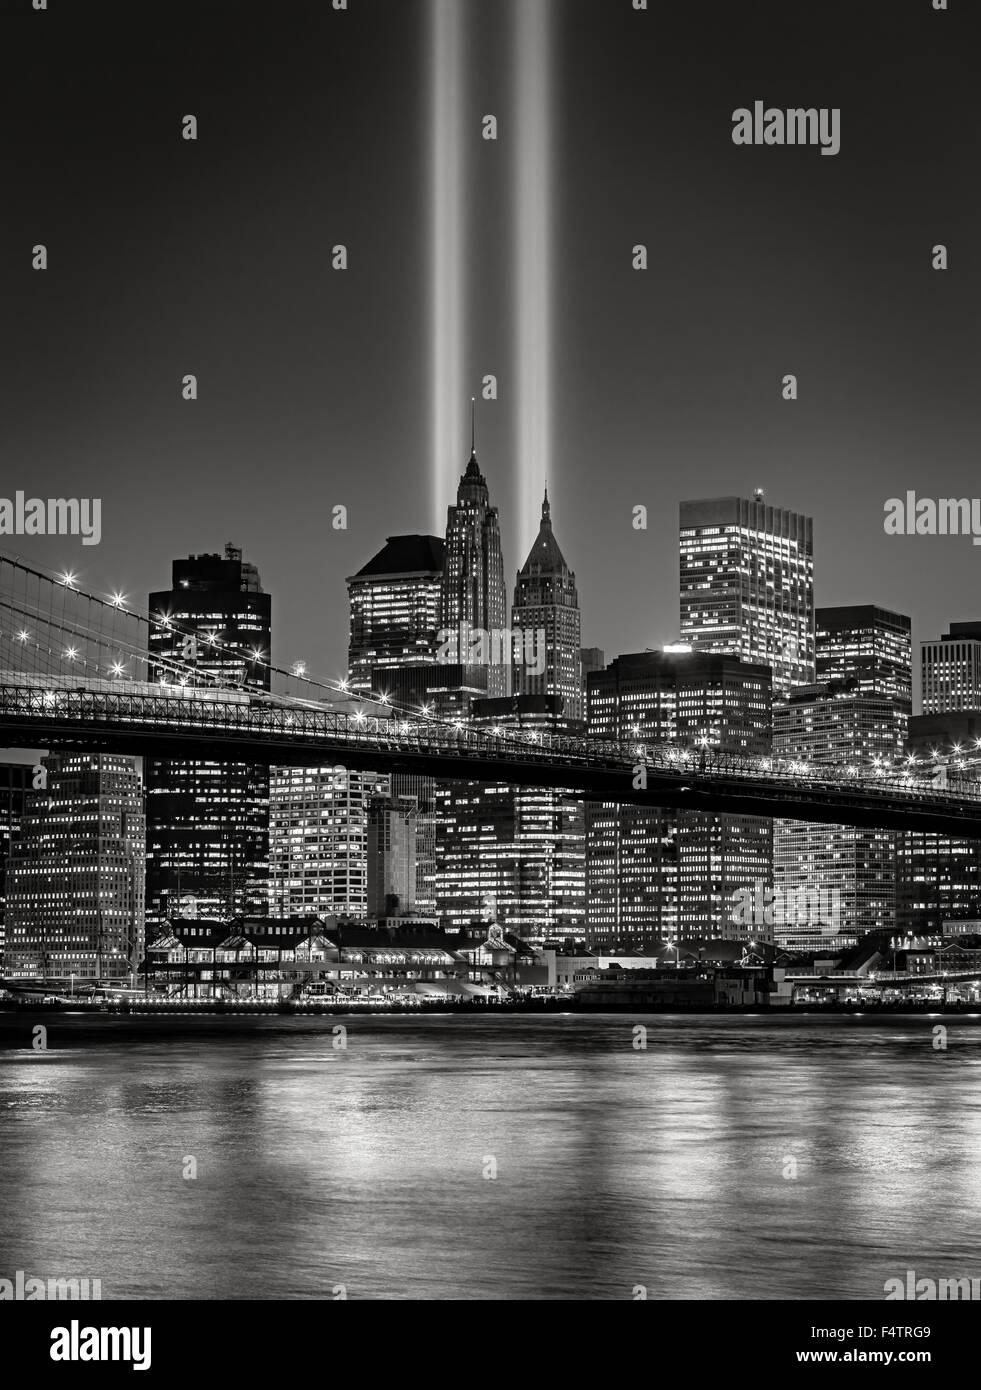 El homenaje a la luz, en el Bajo Manhattan con iluminada rascacielos del distrito financiero, la ciudad de Nueva Imagen De Stock